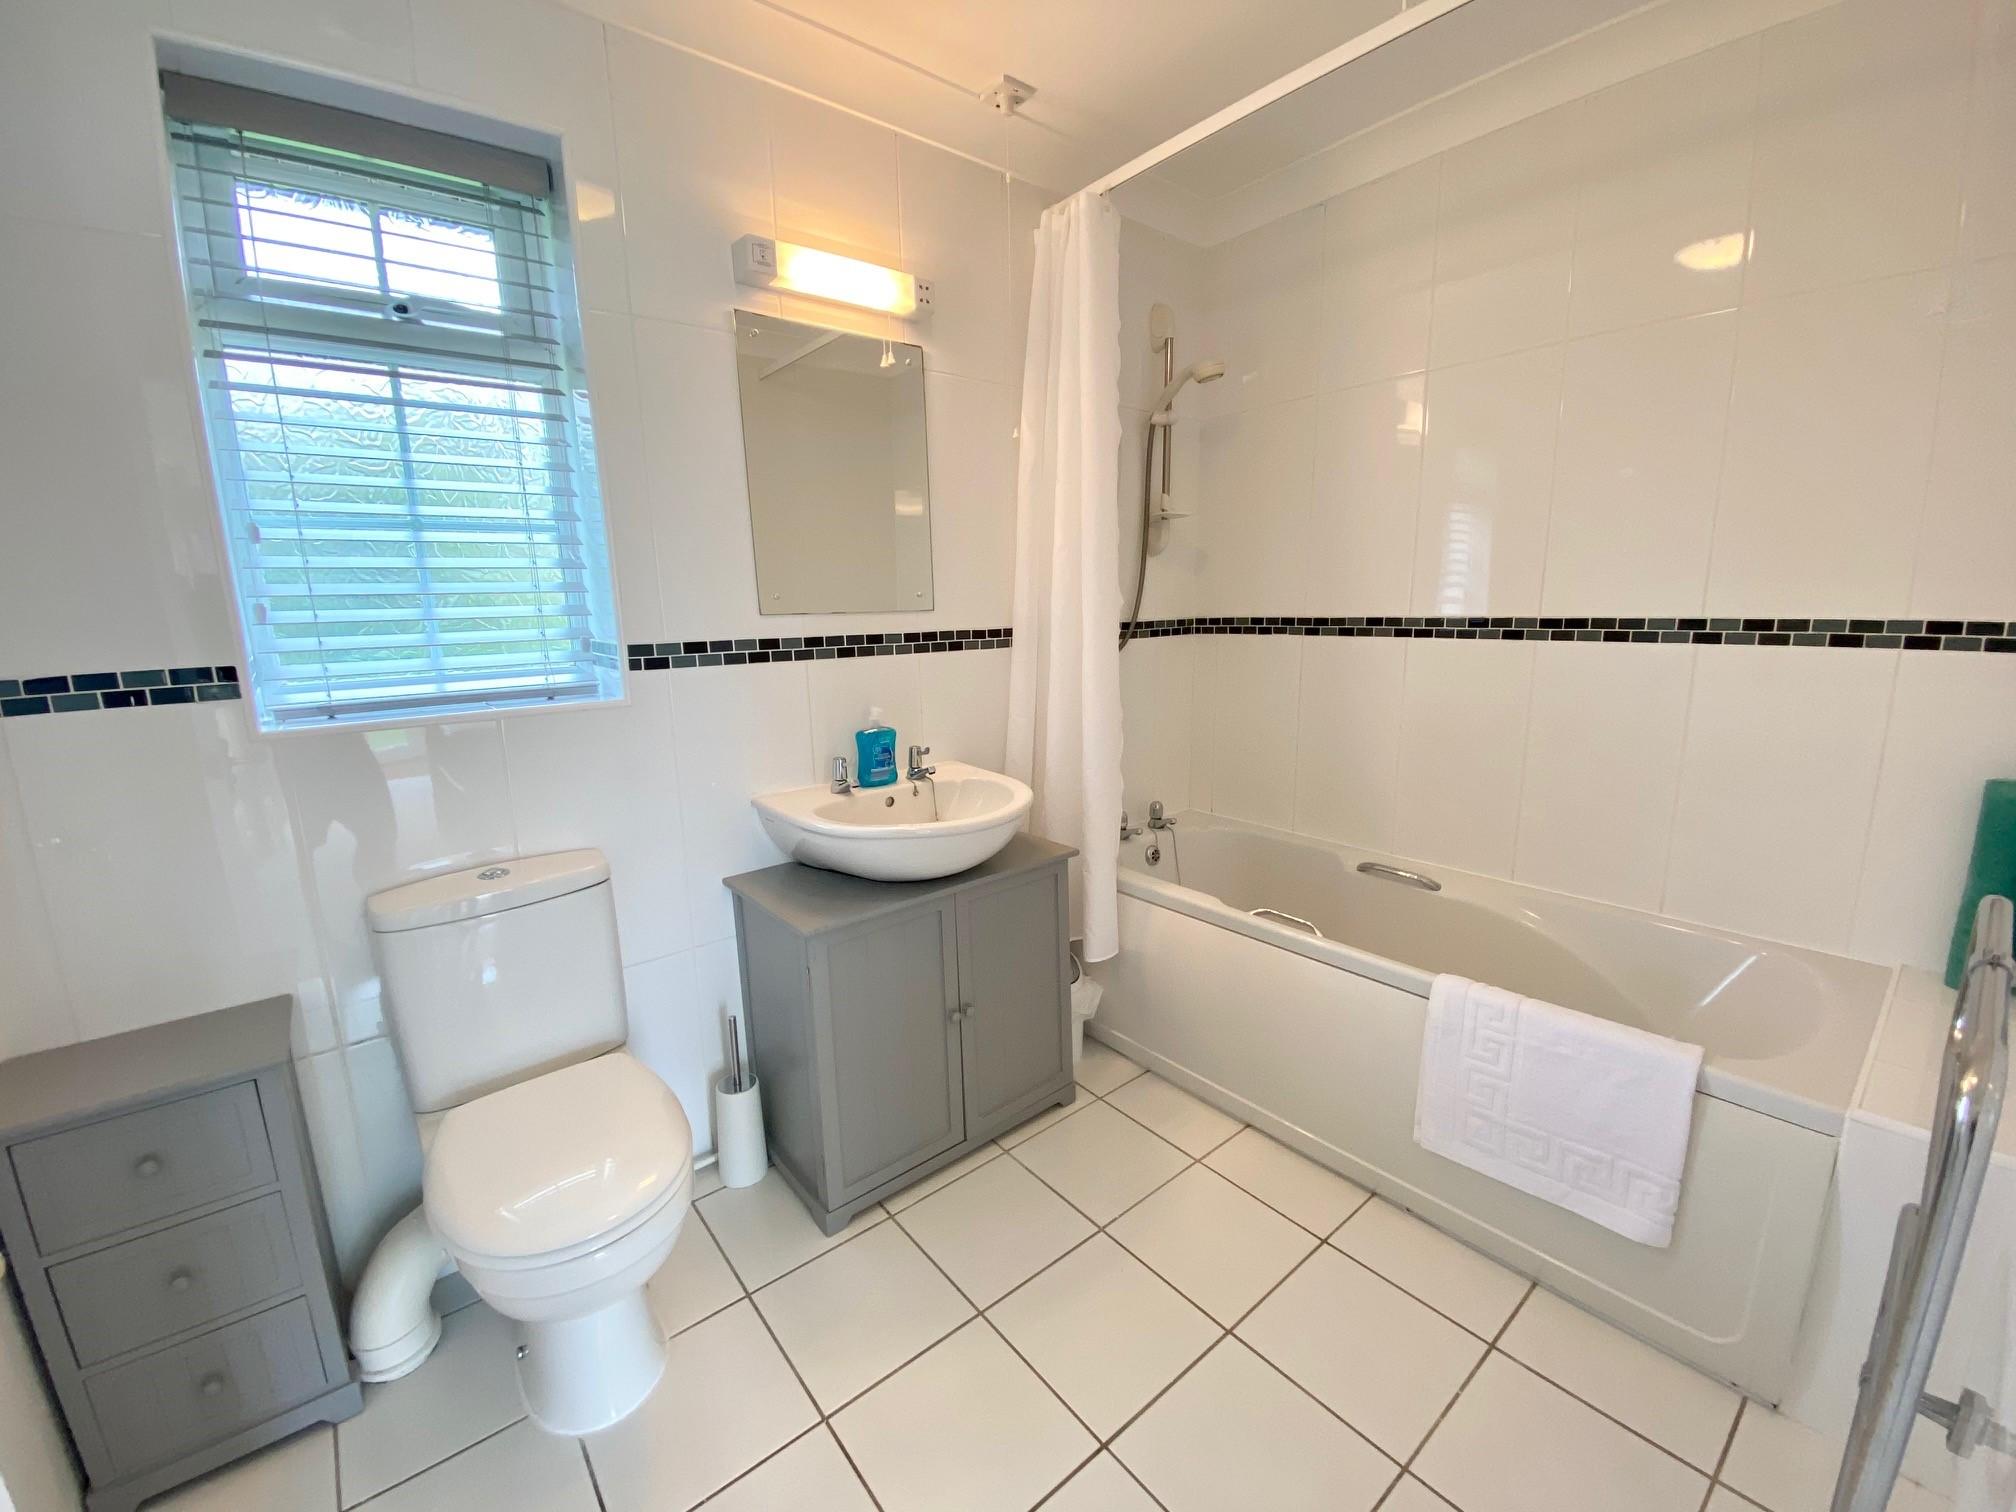 Dove Bathroom